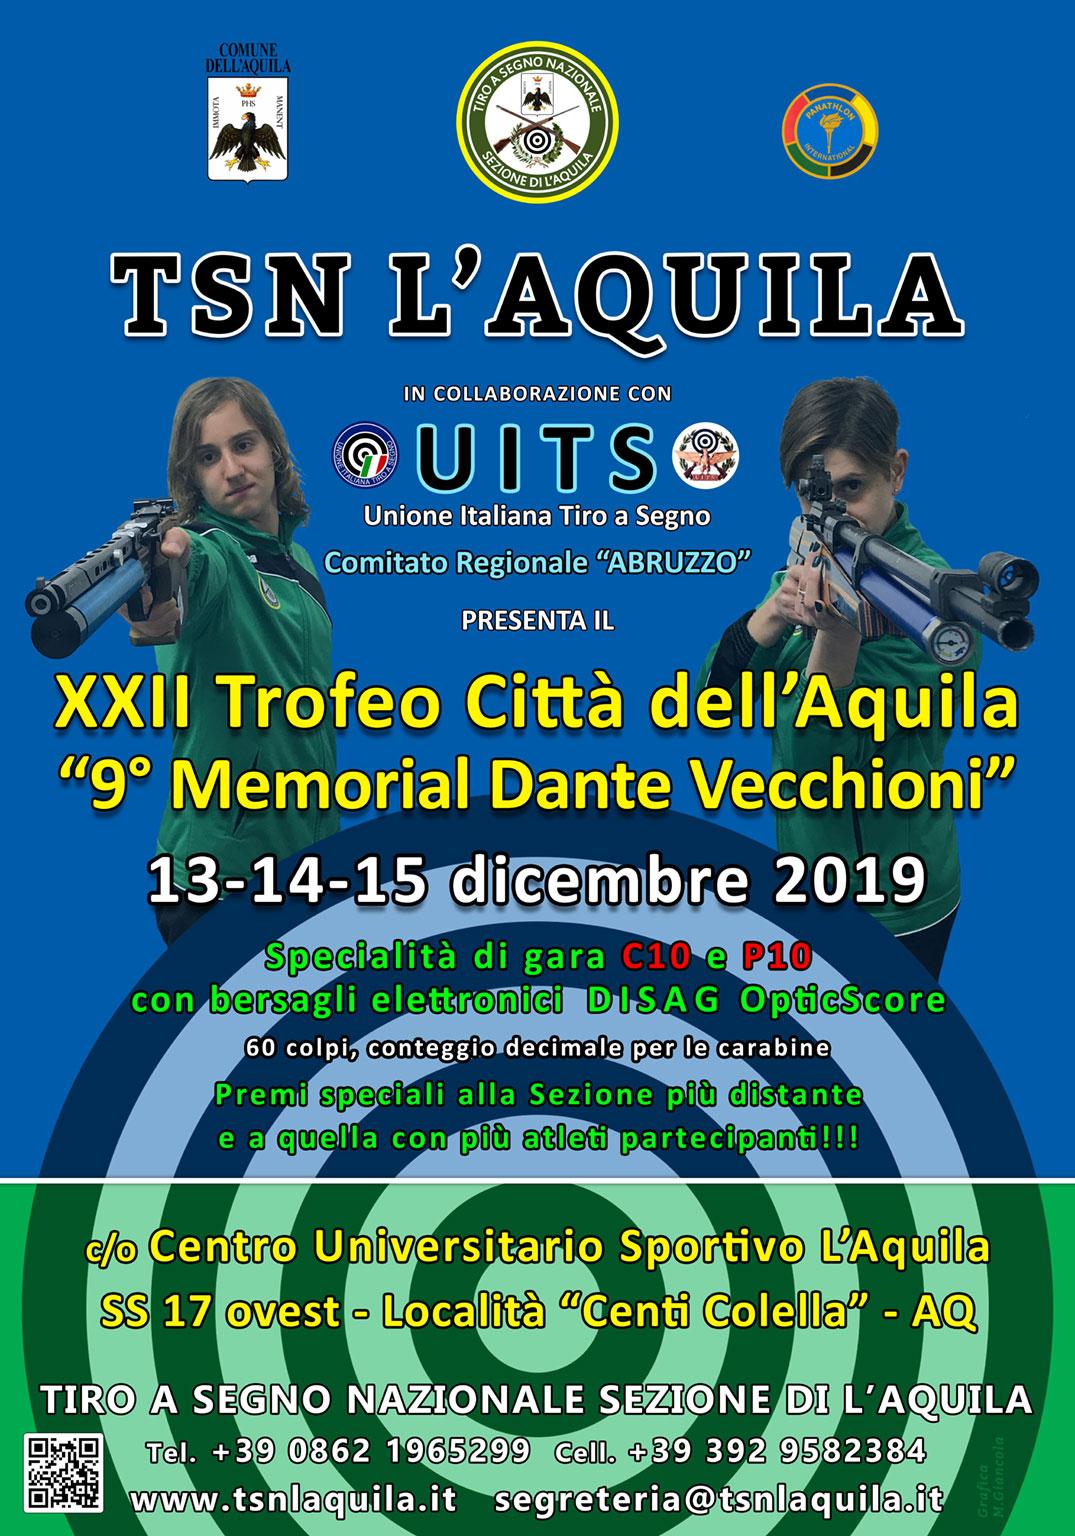 22° Trofeo Città dell'Aquila – 9° Memorial Dante Vecchioni